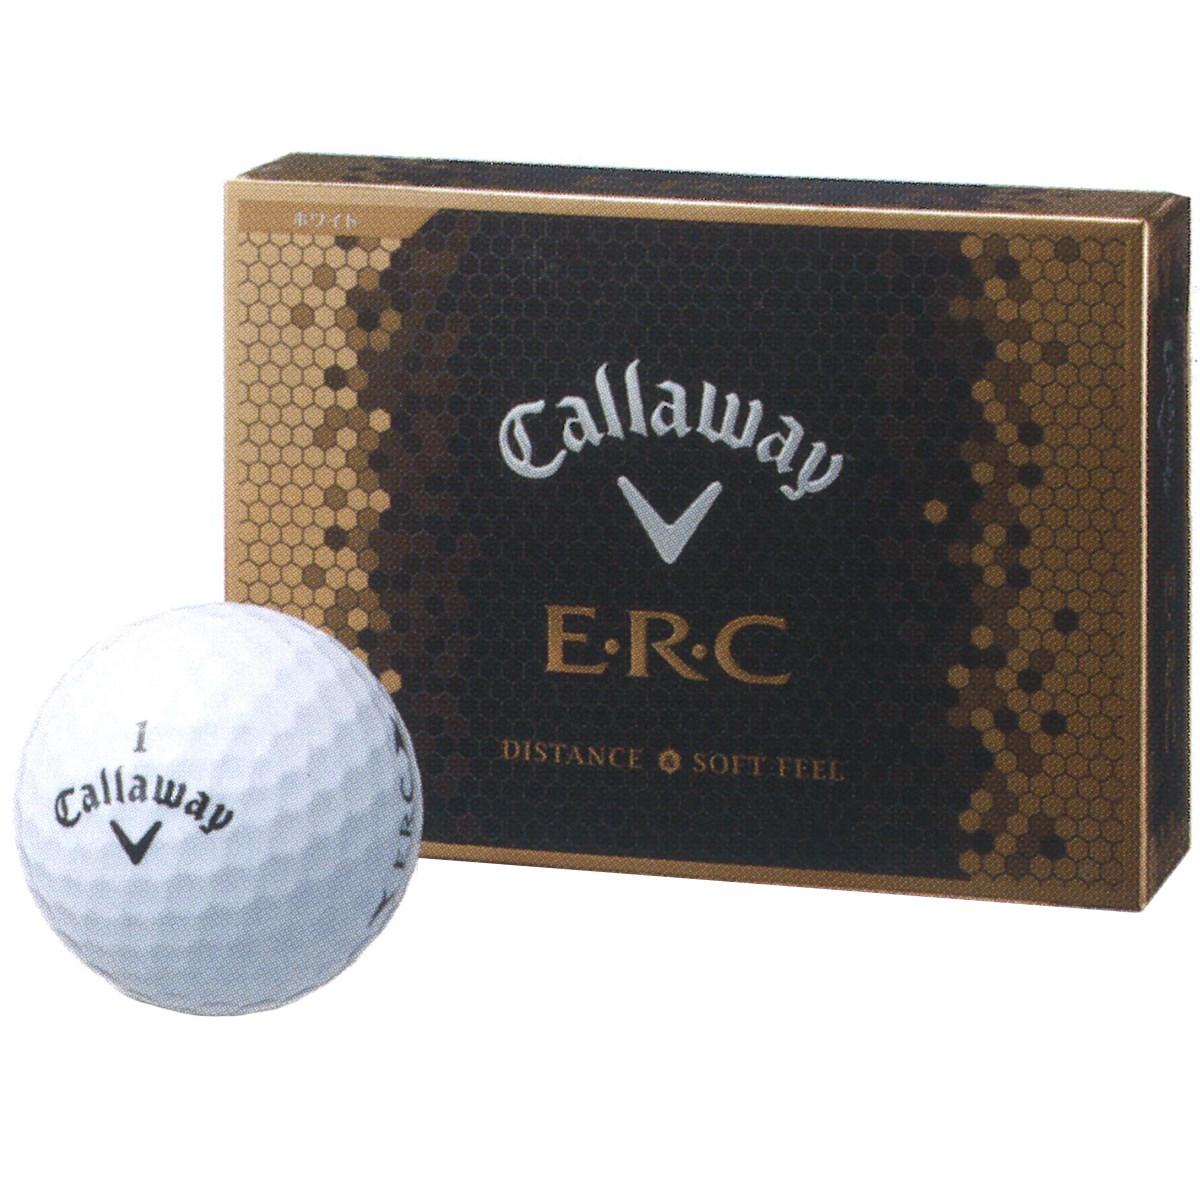 キャロウェイゴルフ(Callaway Golf) NEW ERC ボール 2016年モデル